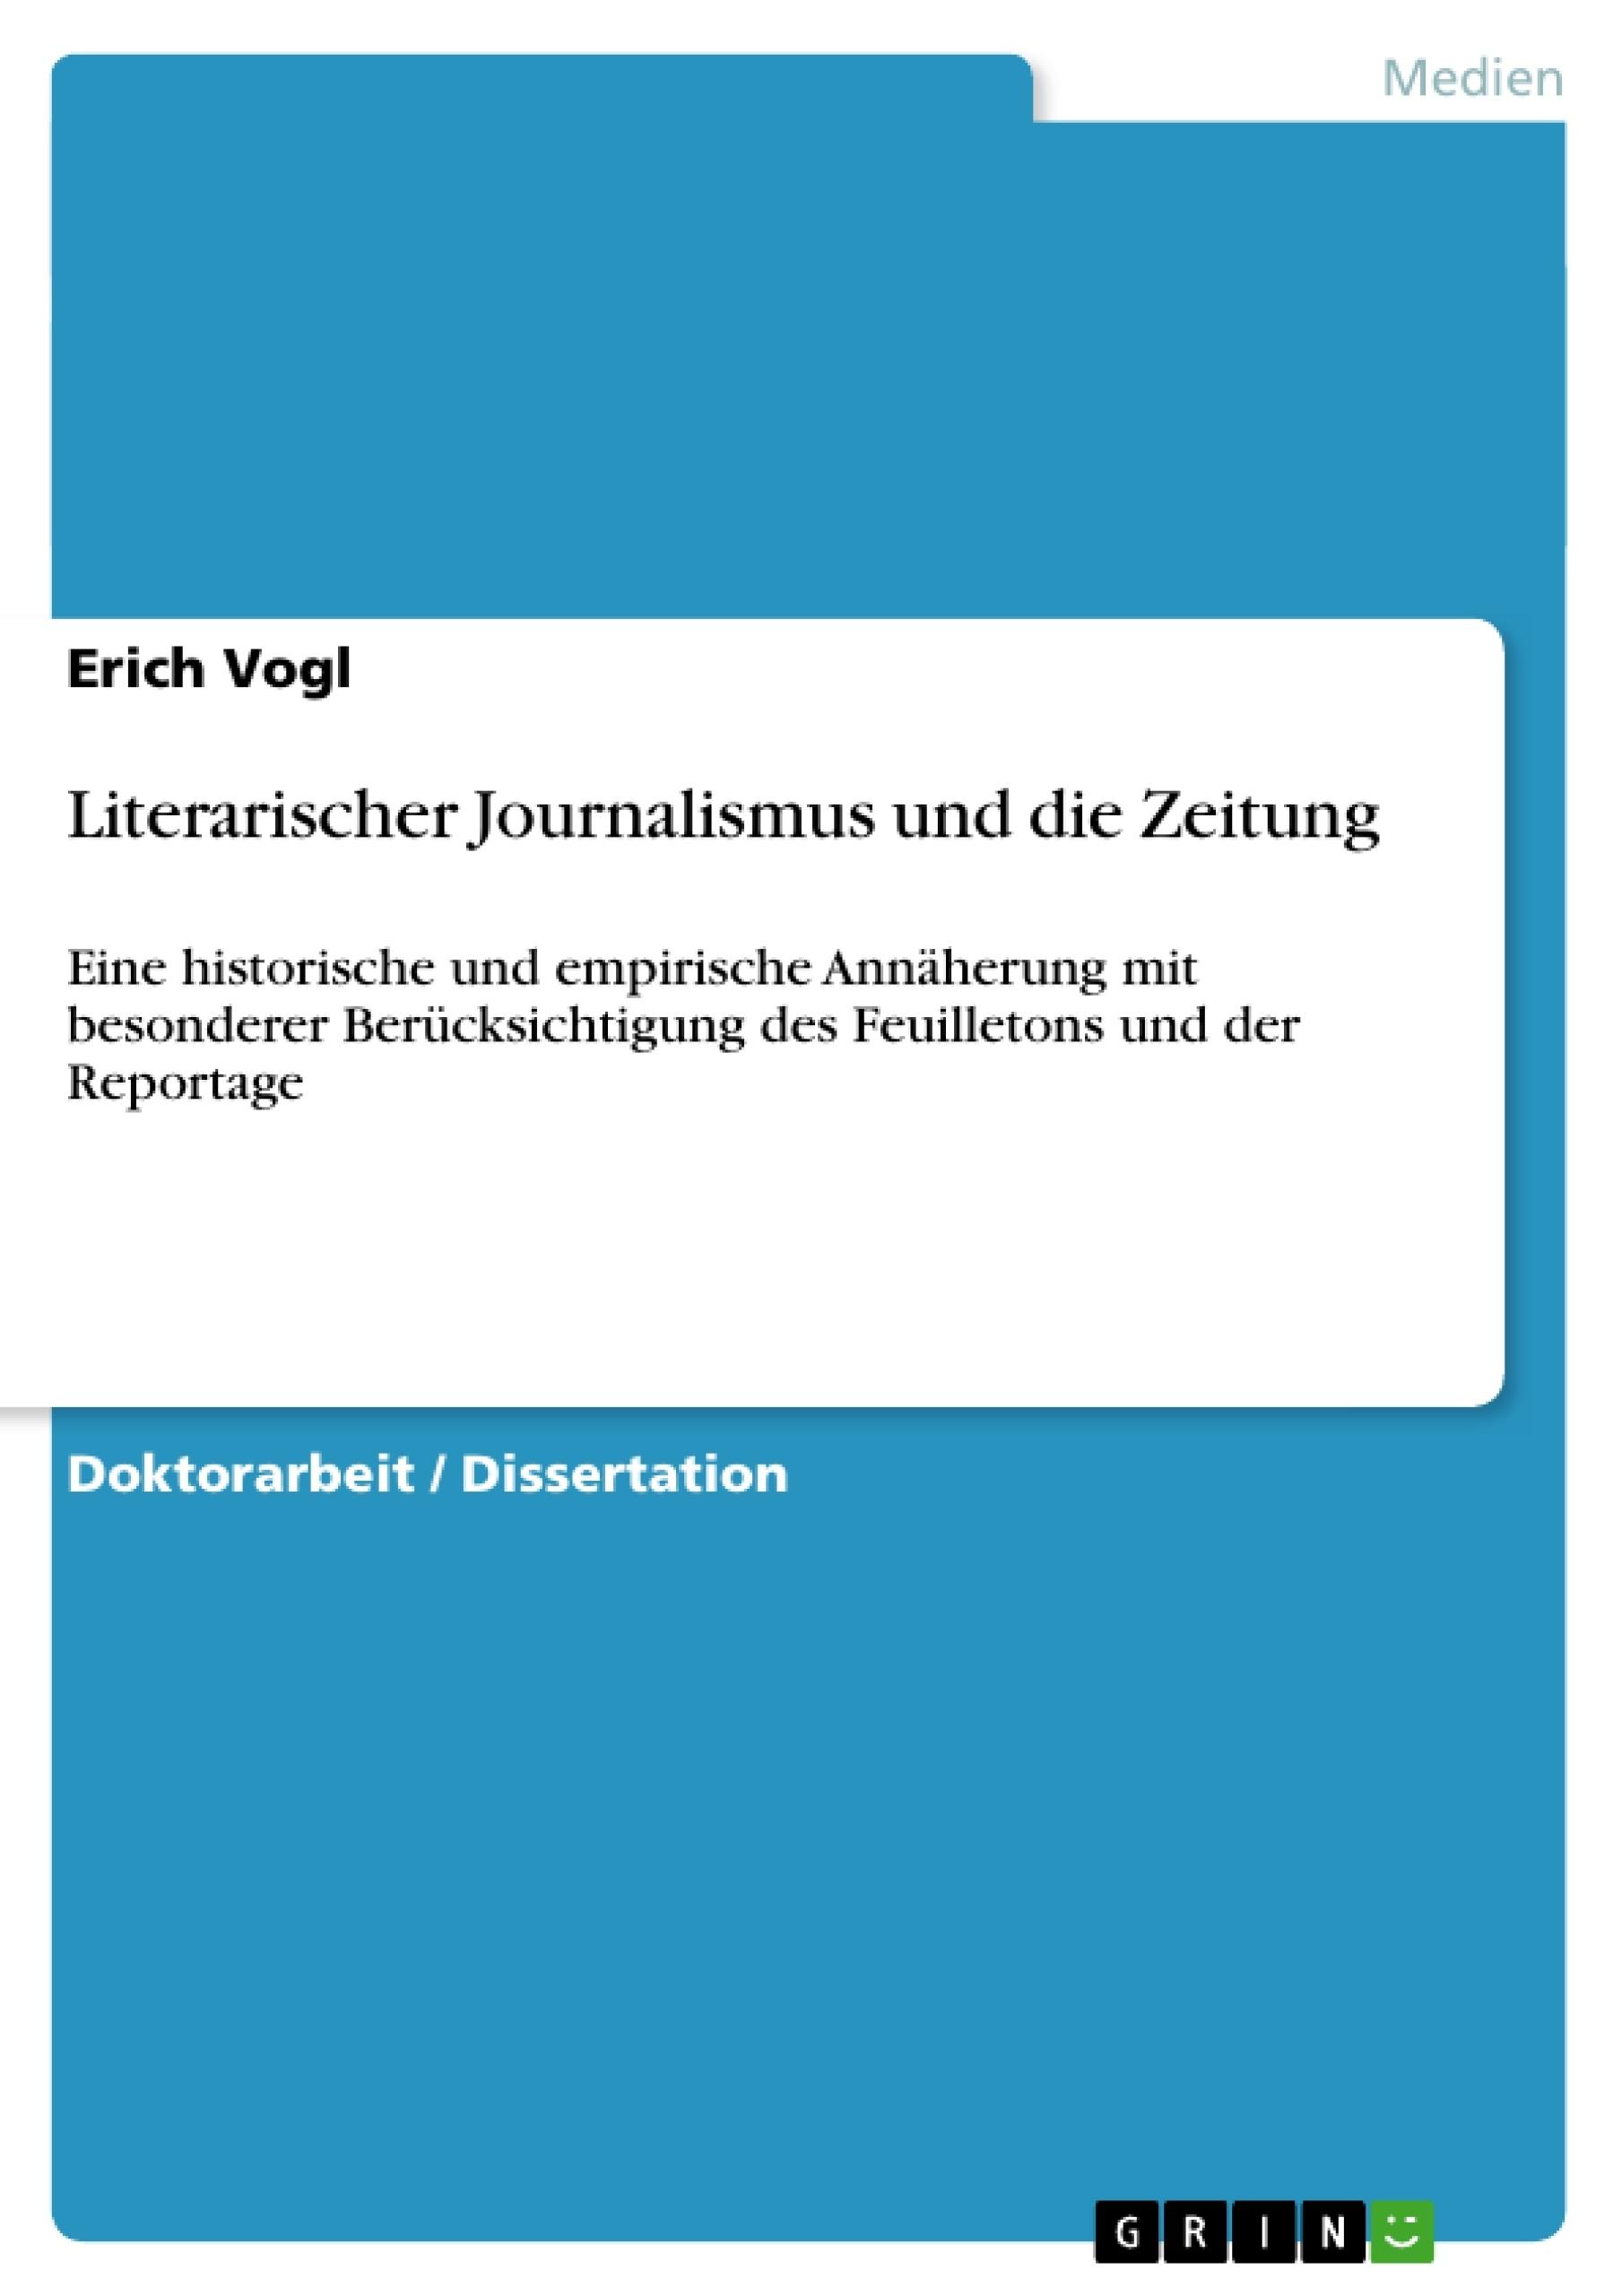 Titel: Literarischer Journalismus und die Zeitung